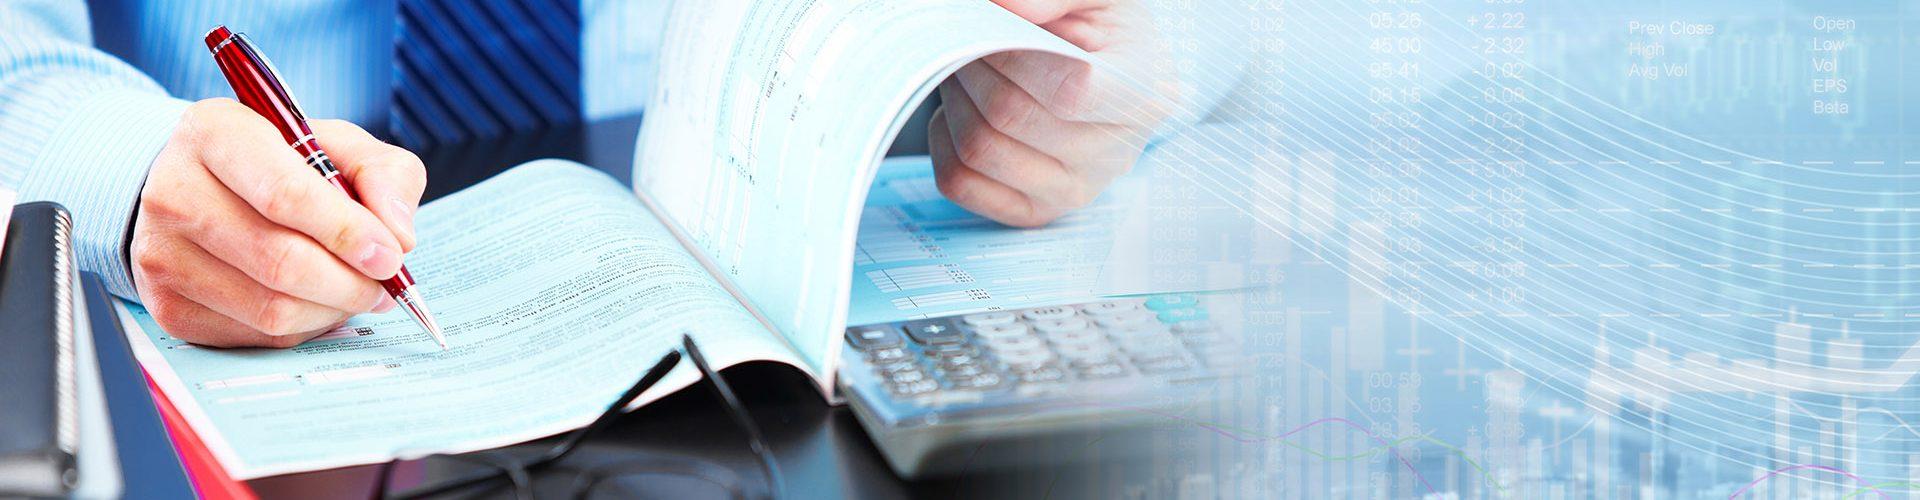 Taloushallinnon konsultointi ja ulkoistaminen   Tilitoimisto Roine Oy - Lohja